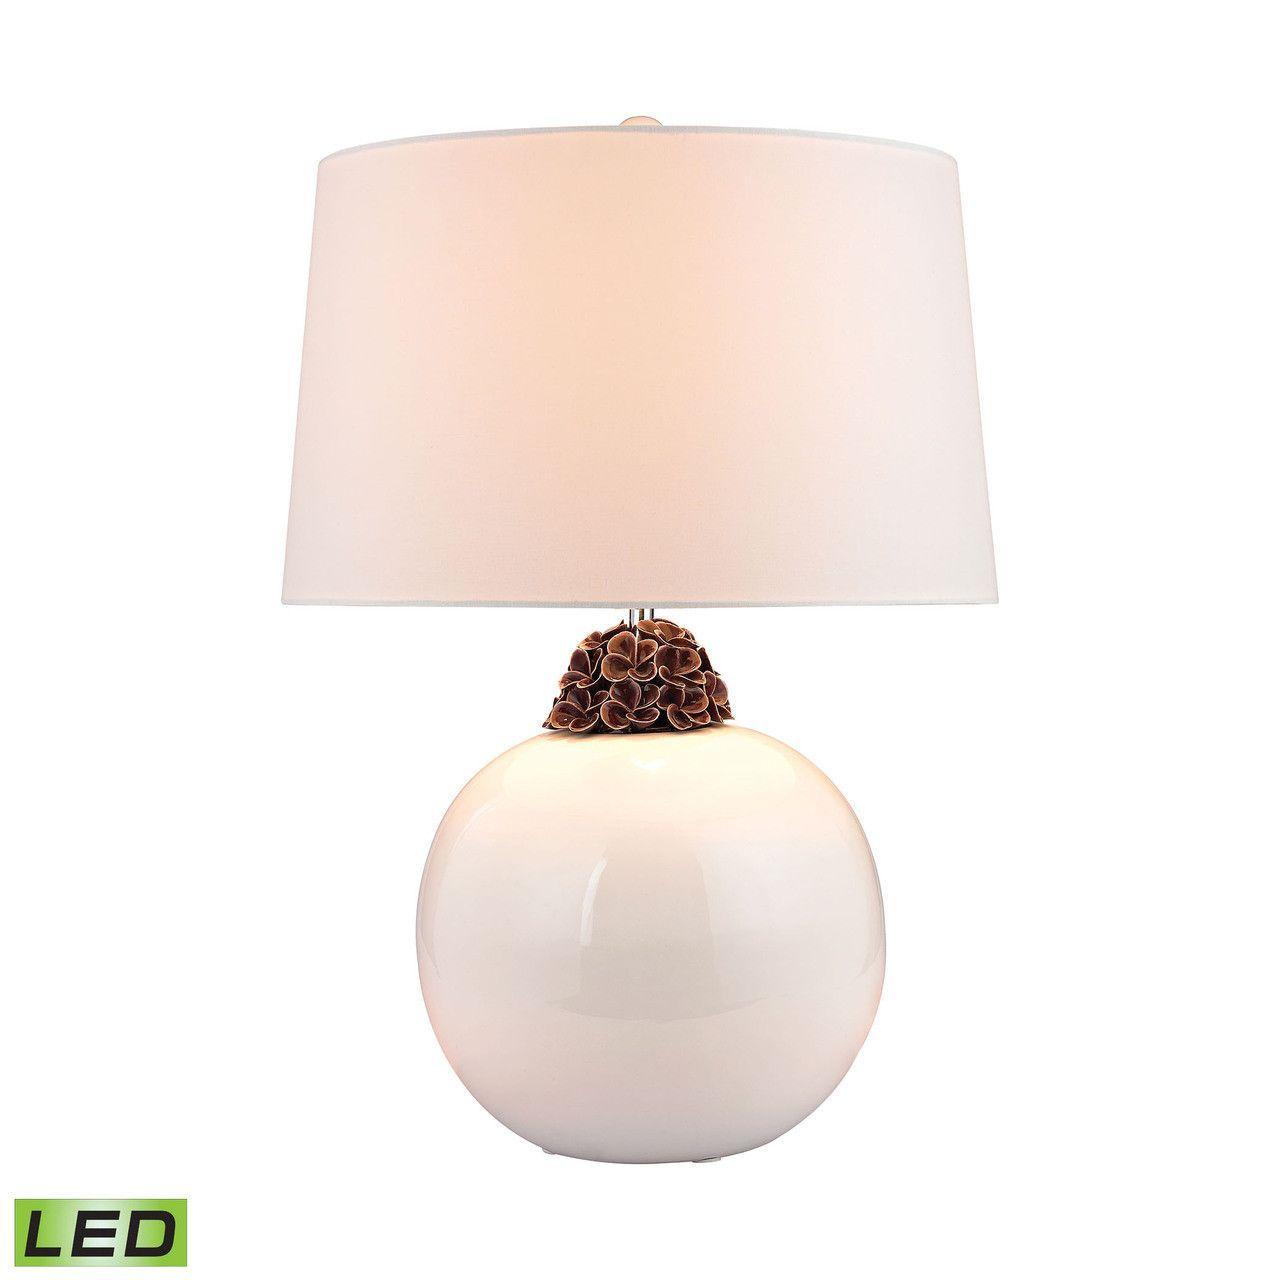 Embellished Neck Ceramic LED Lamp D2881-LED